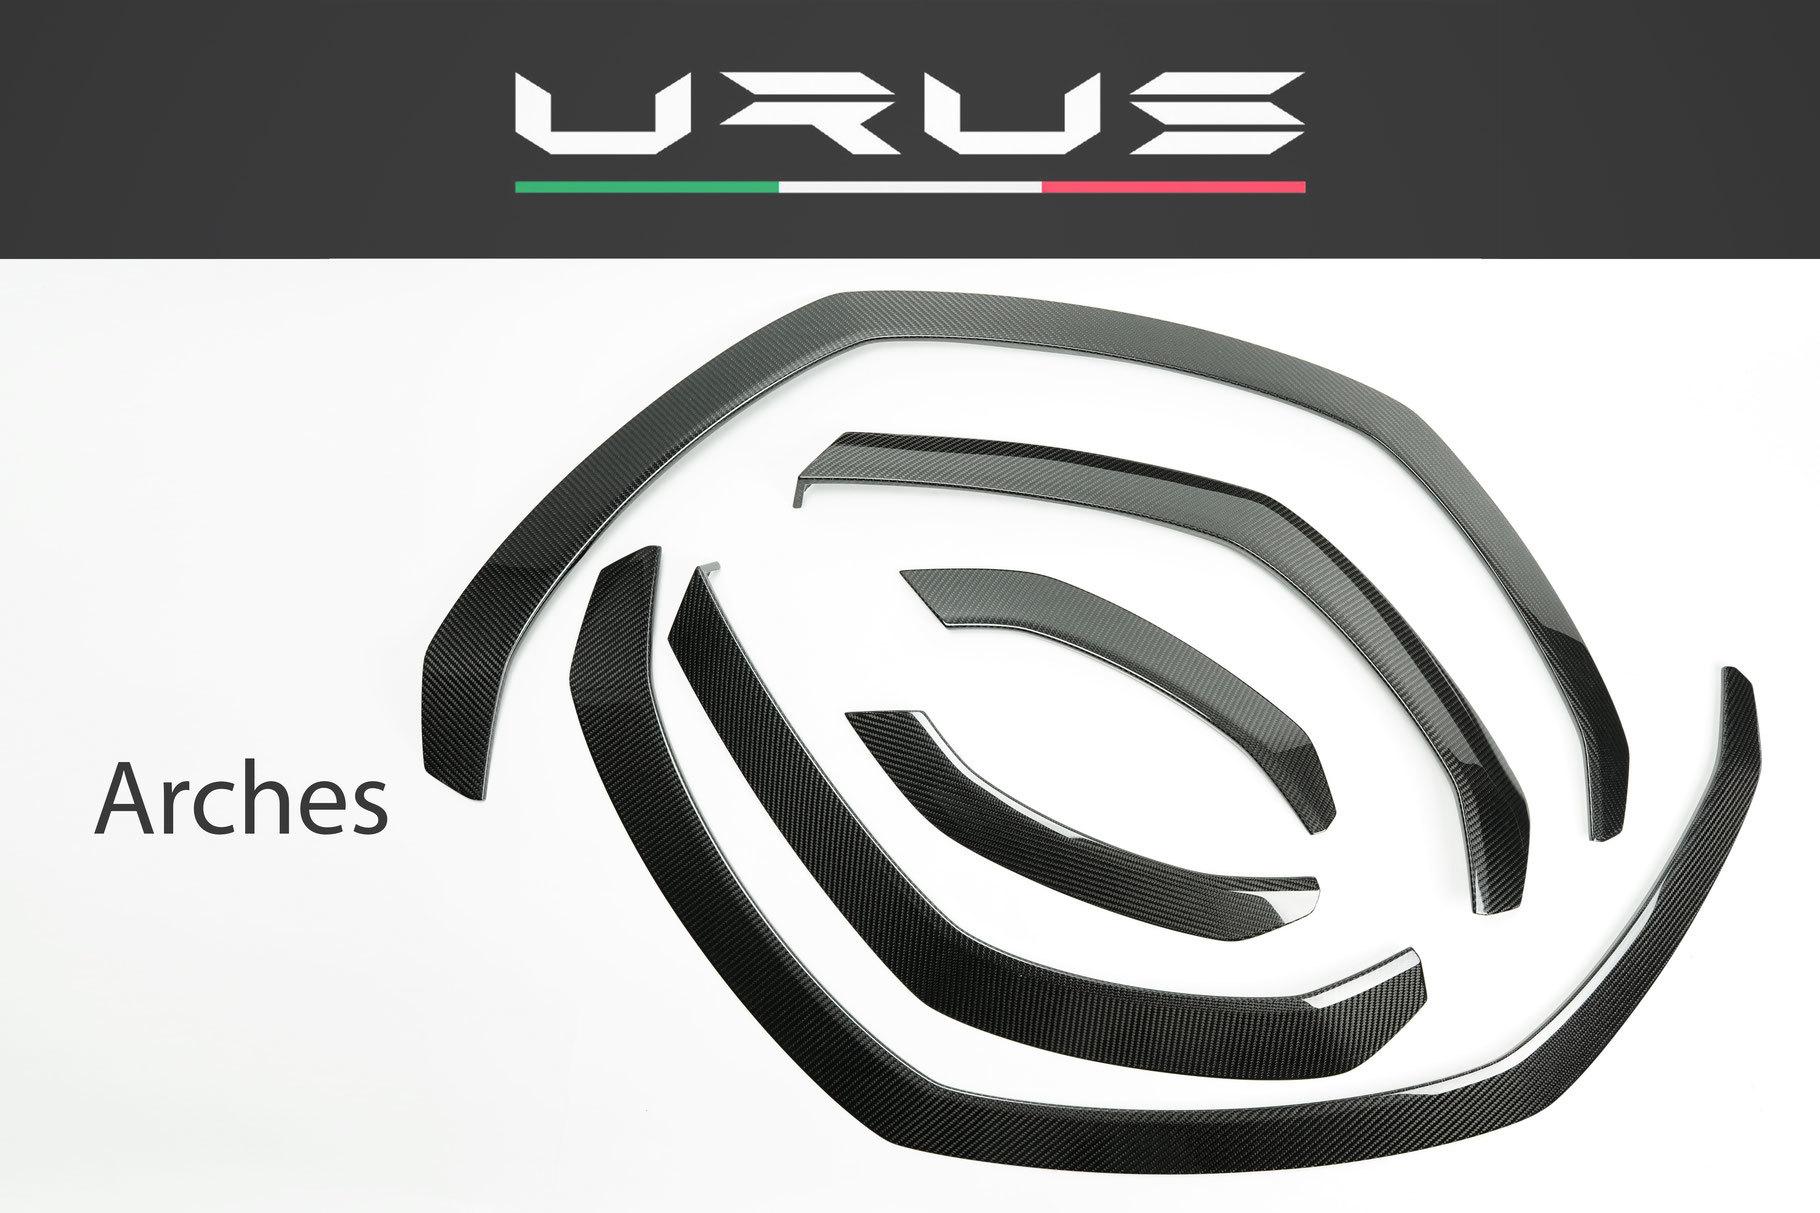 Hodoor Performance Carbon fiber arches Corsa for Lamborghini Urus carbon